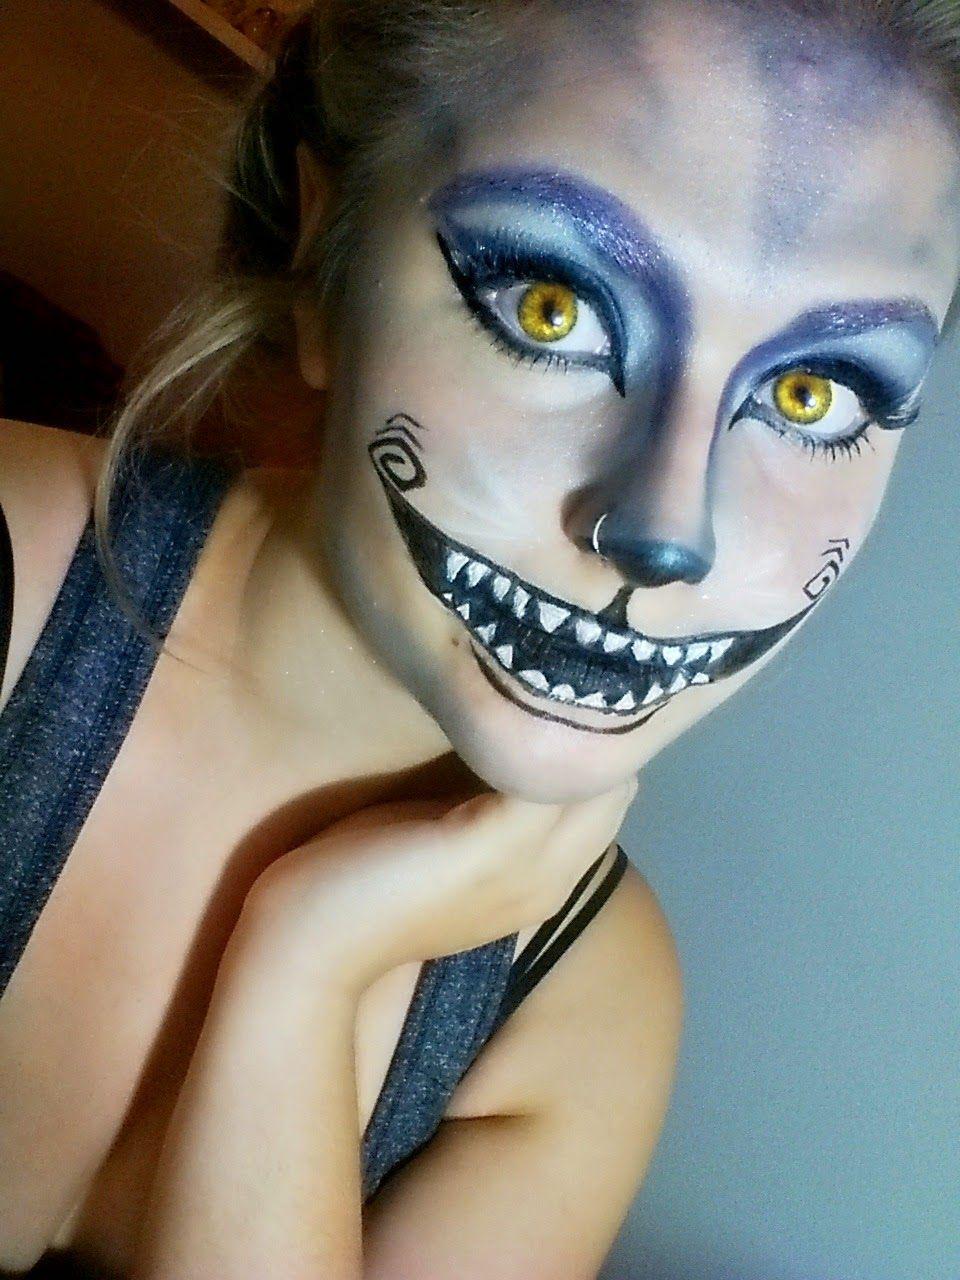 moneka: cheshire cat #halloween #makeup #halloween makeup #chesire